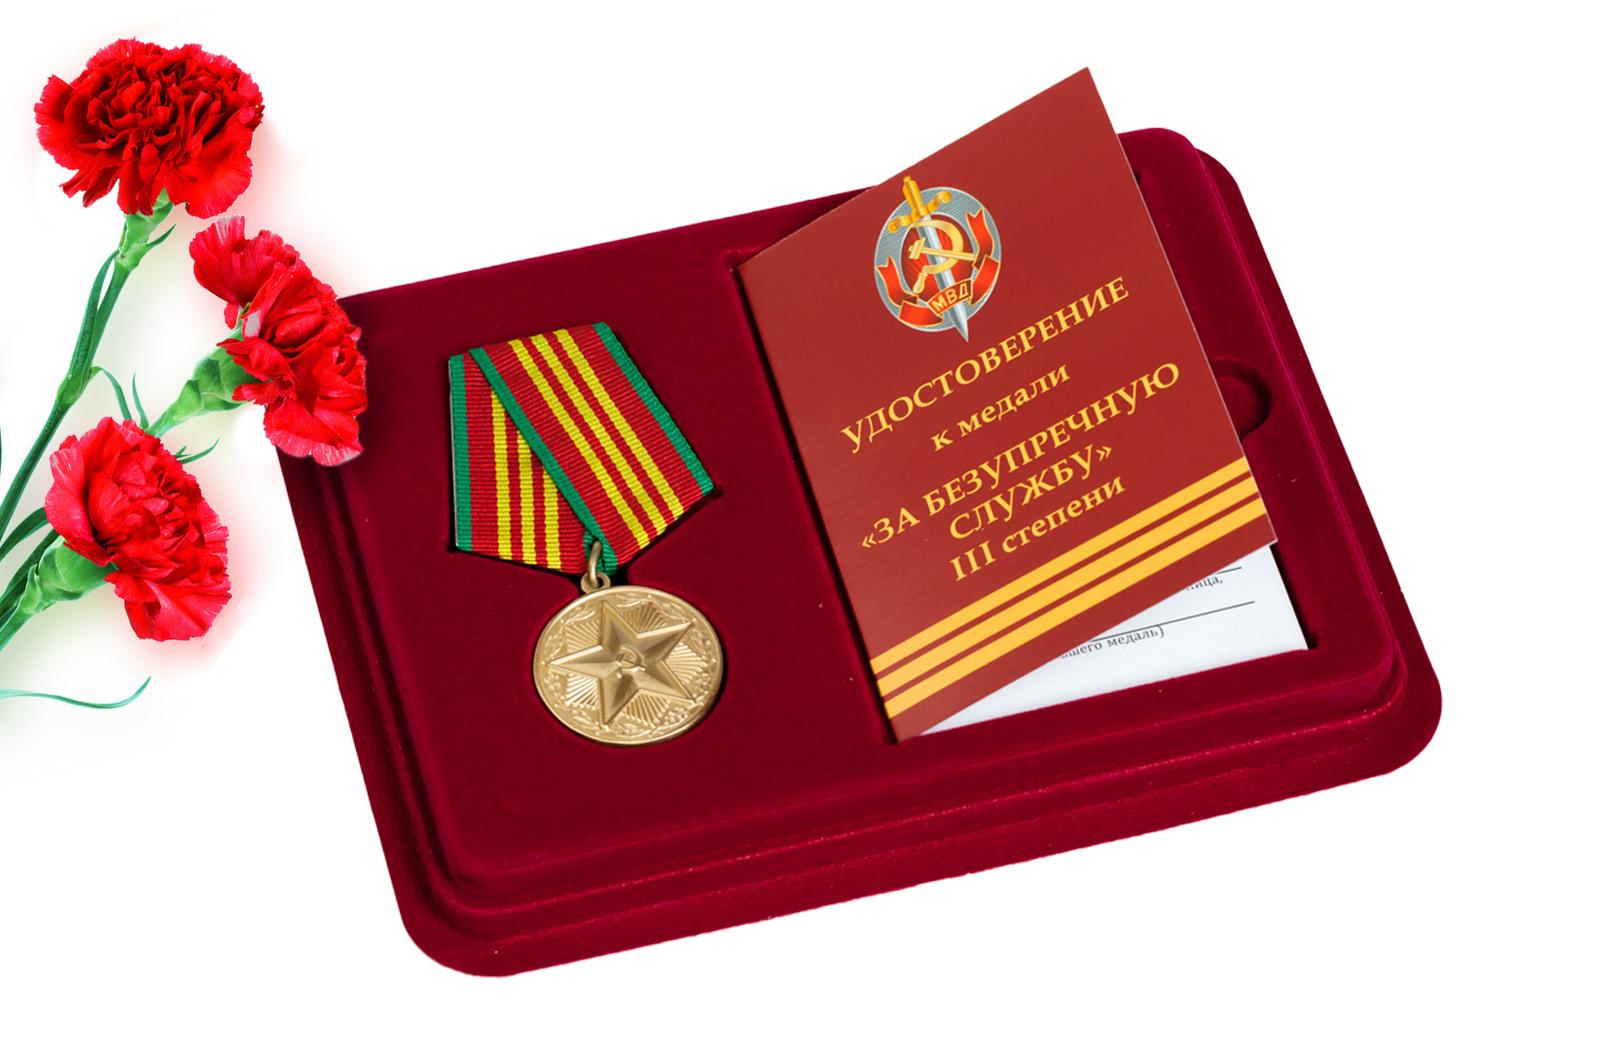 Купить медаль МВД СССР За безупречную службу 3 степени оптом или в розницу